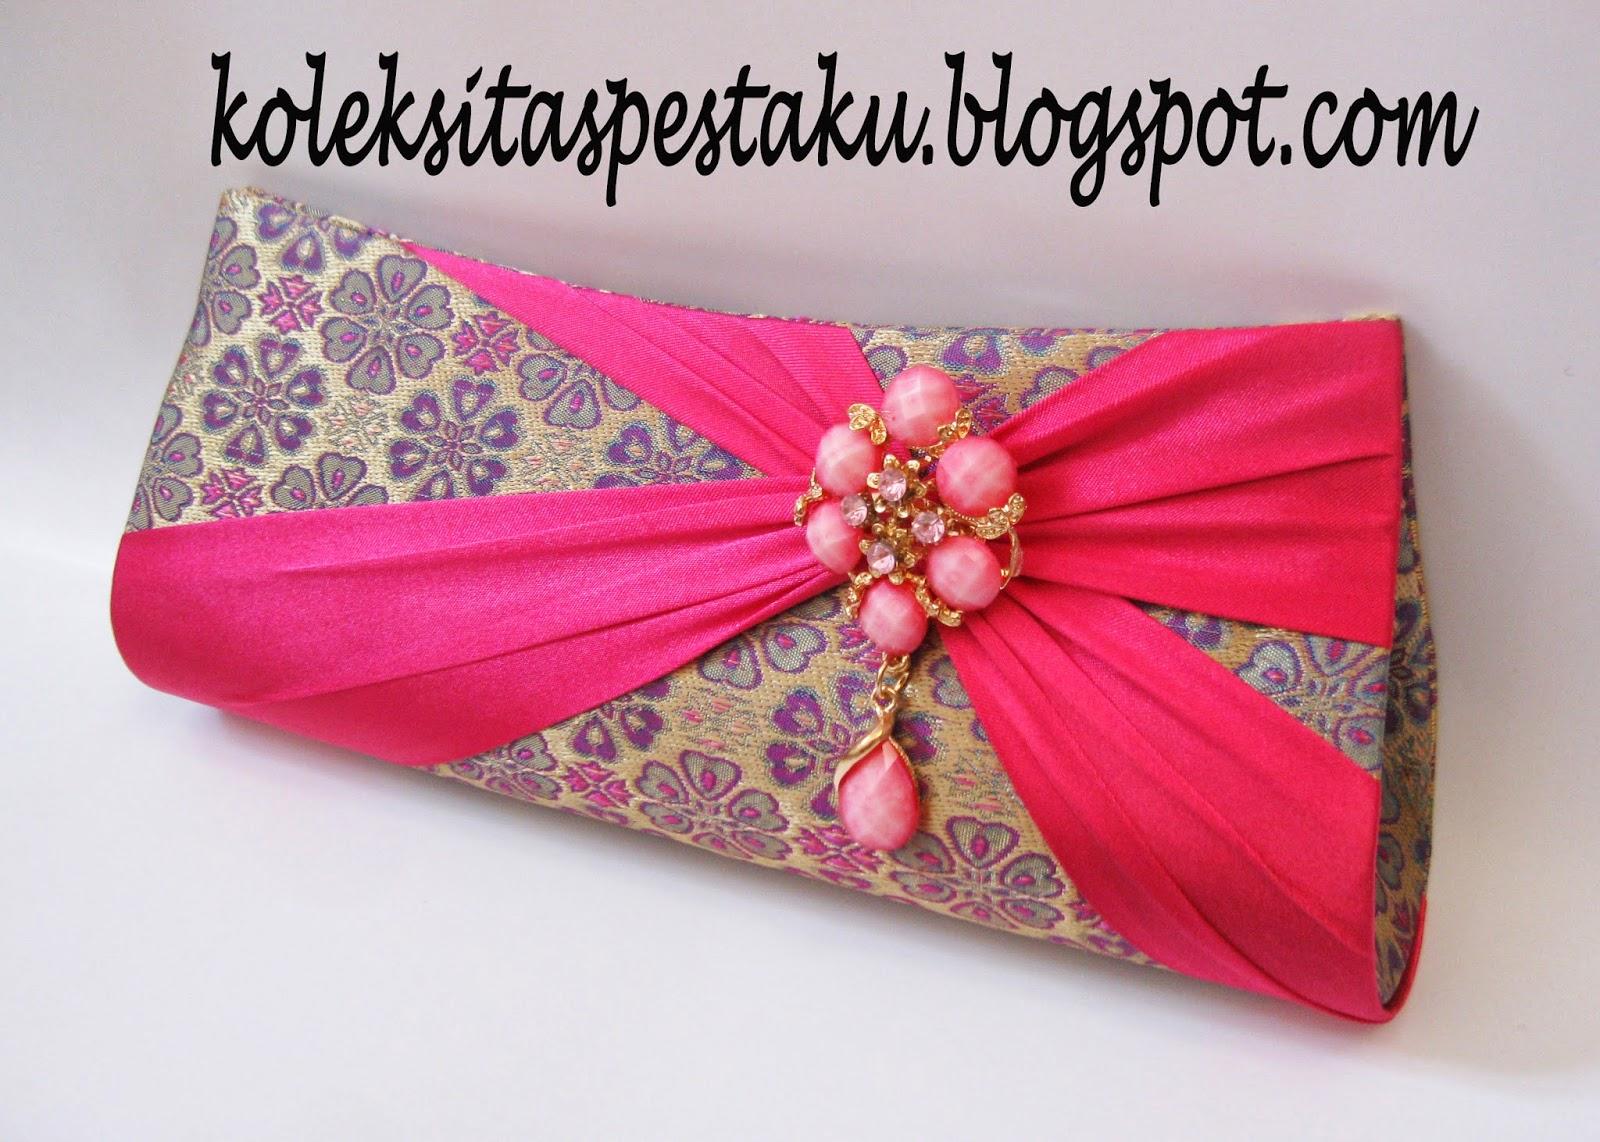 Pink Fanta Tas Dompet Pesta Cantik Elegant Unik